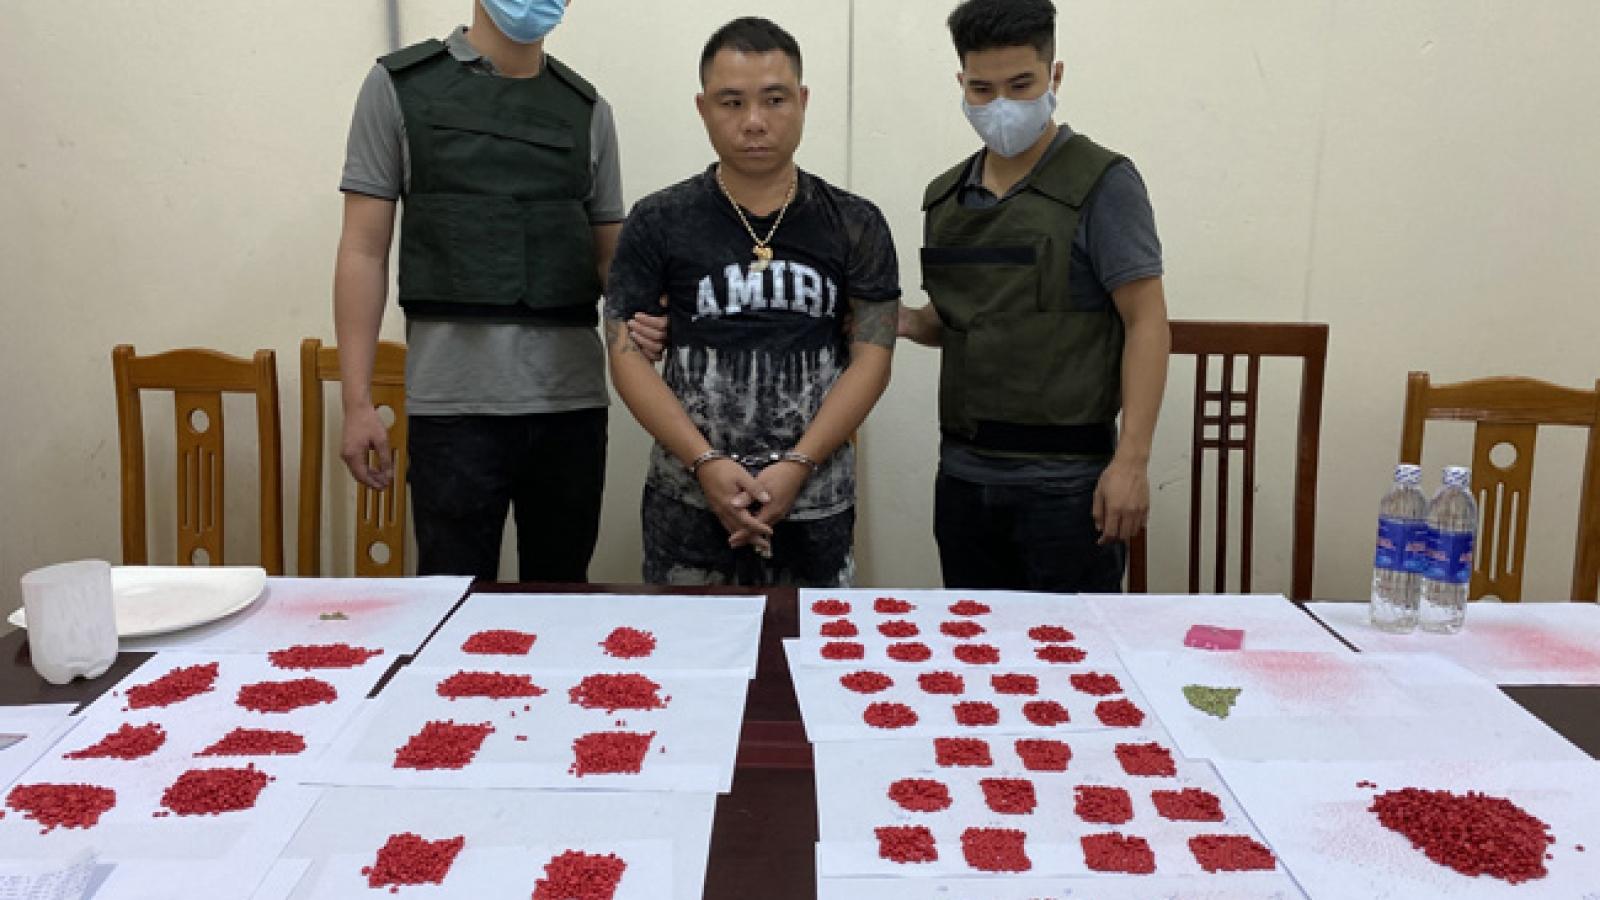 Bắt đối tượng giấu hơn 10.000 viên ma túy trong bình xăng ô tô ởLạng Sơn